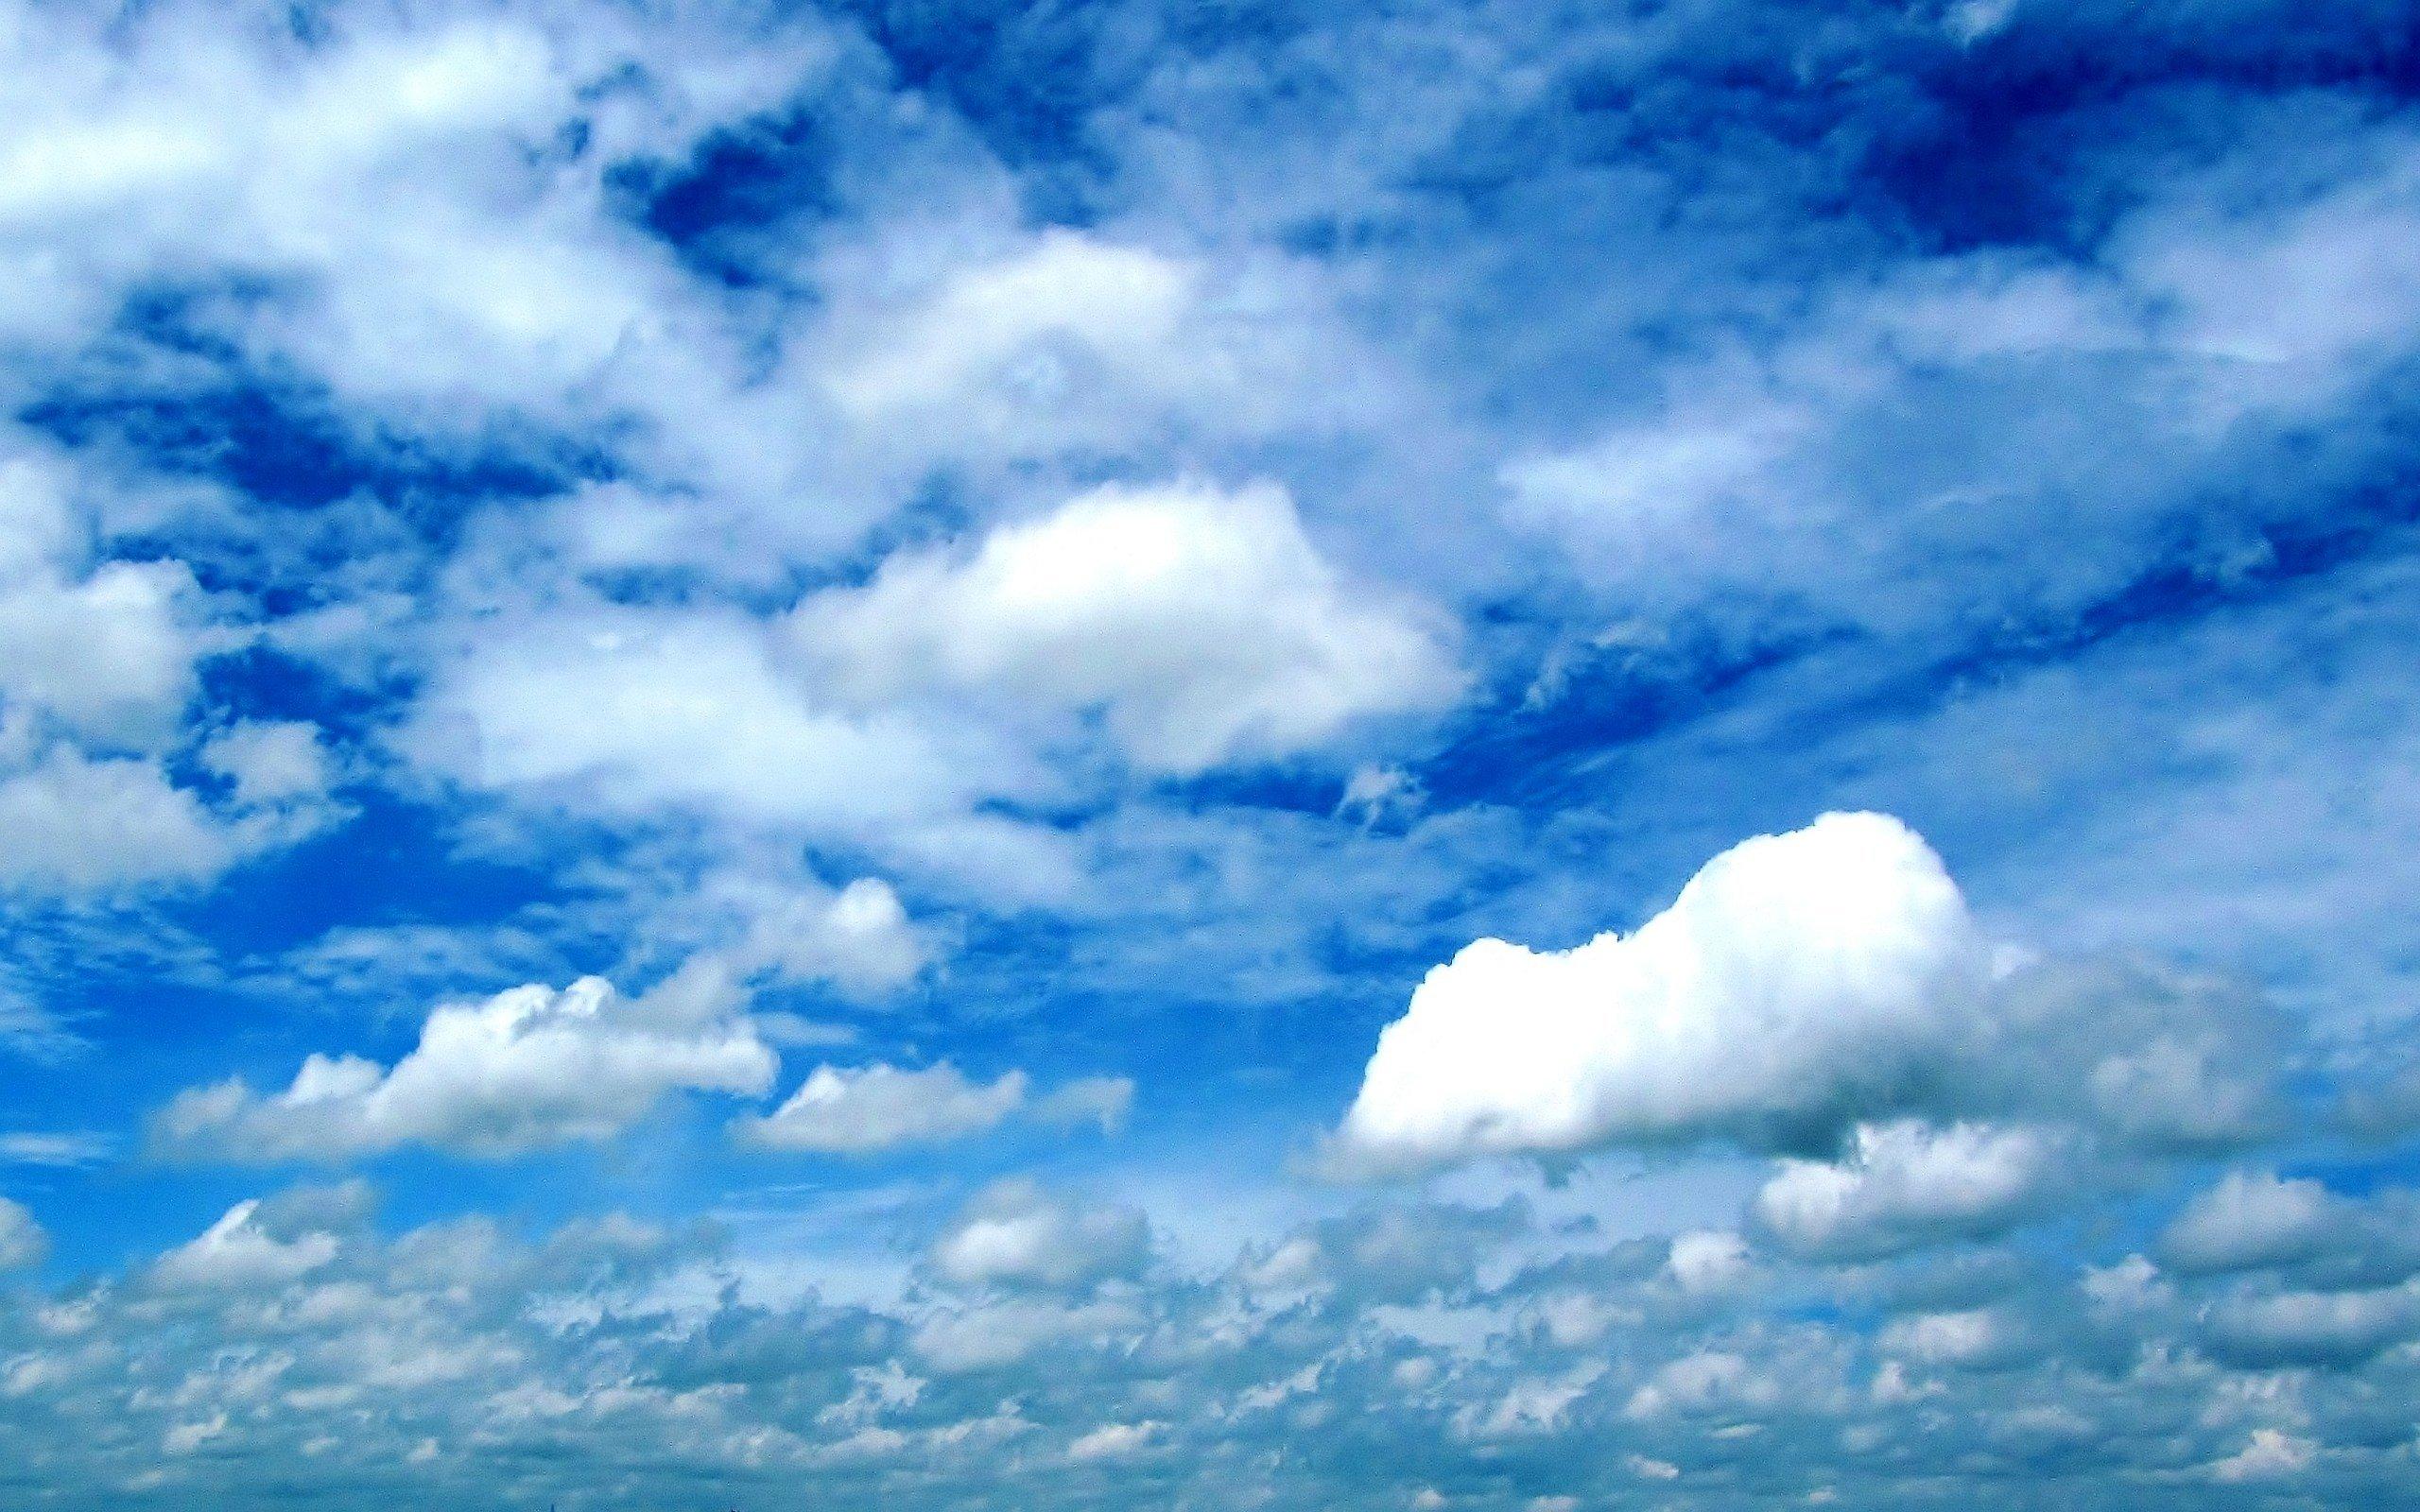 Sky Hd Wallpapers: Sky HD Wallpaper